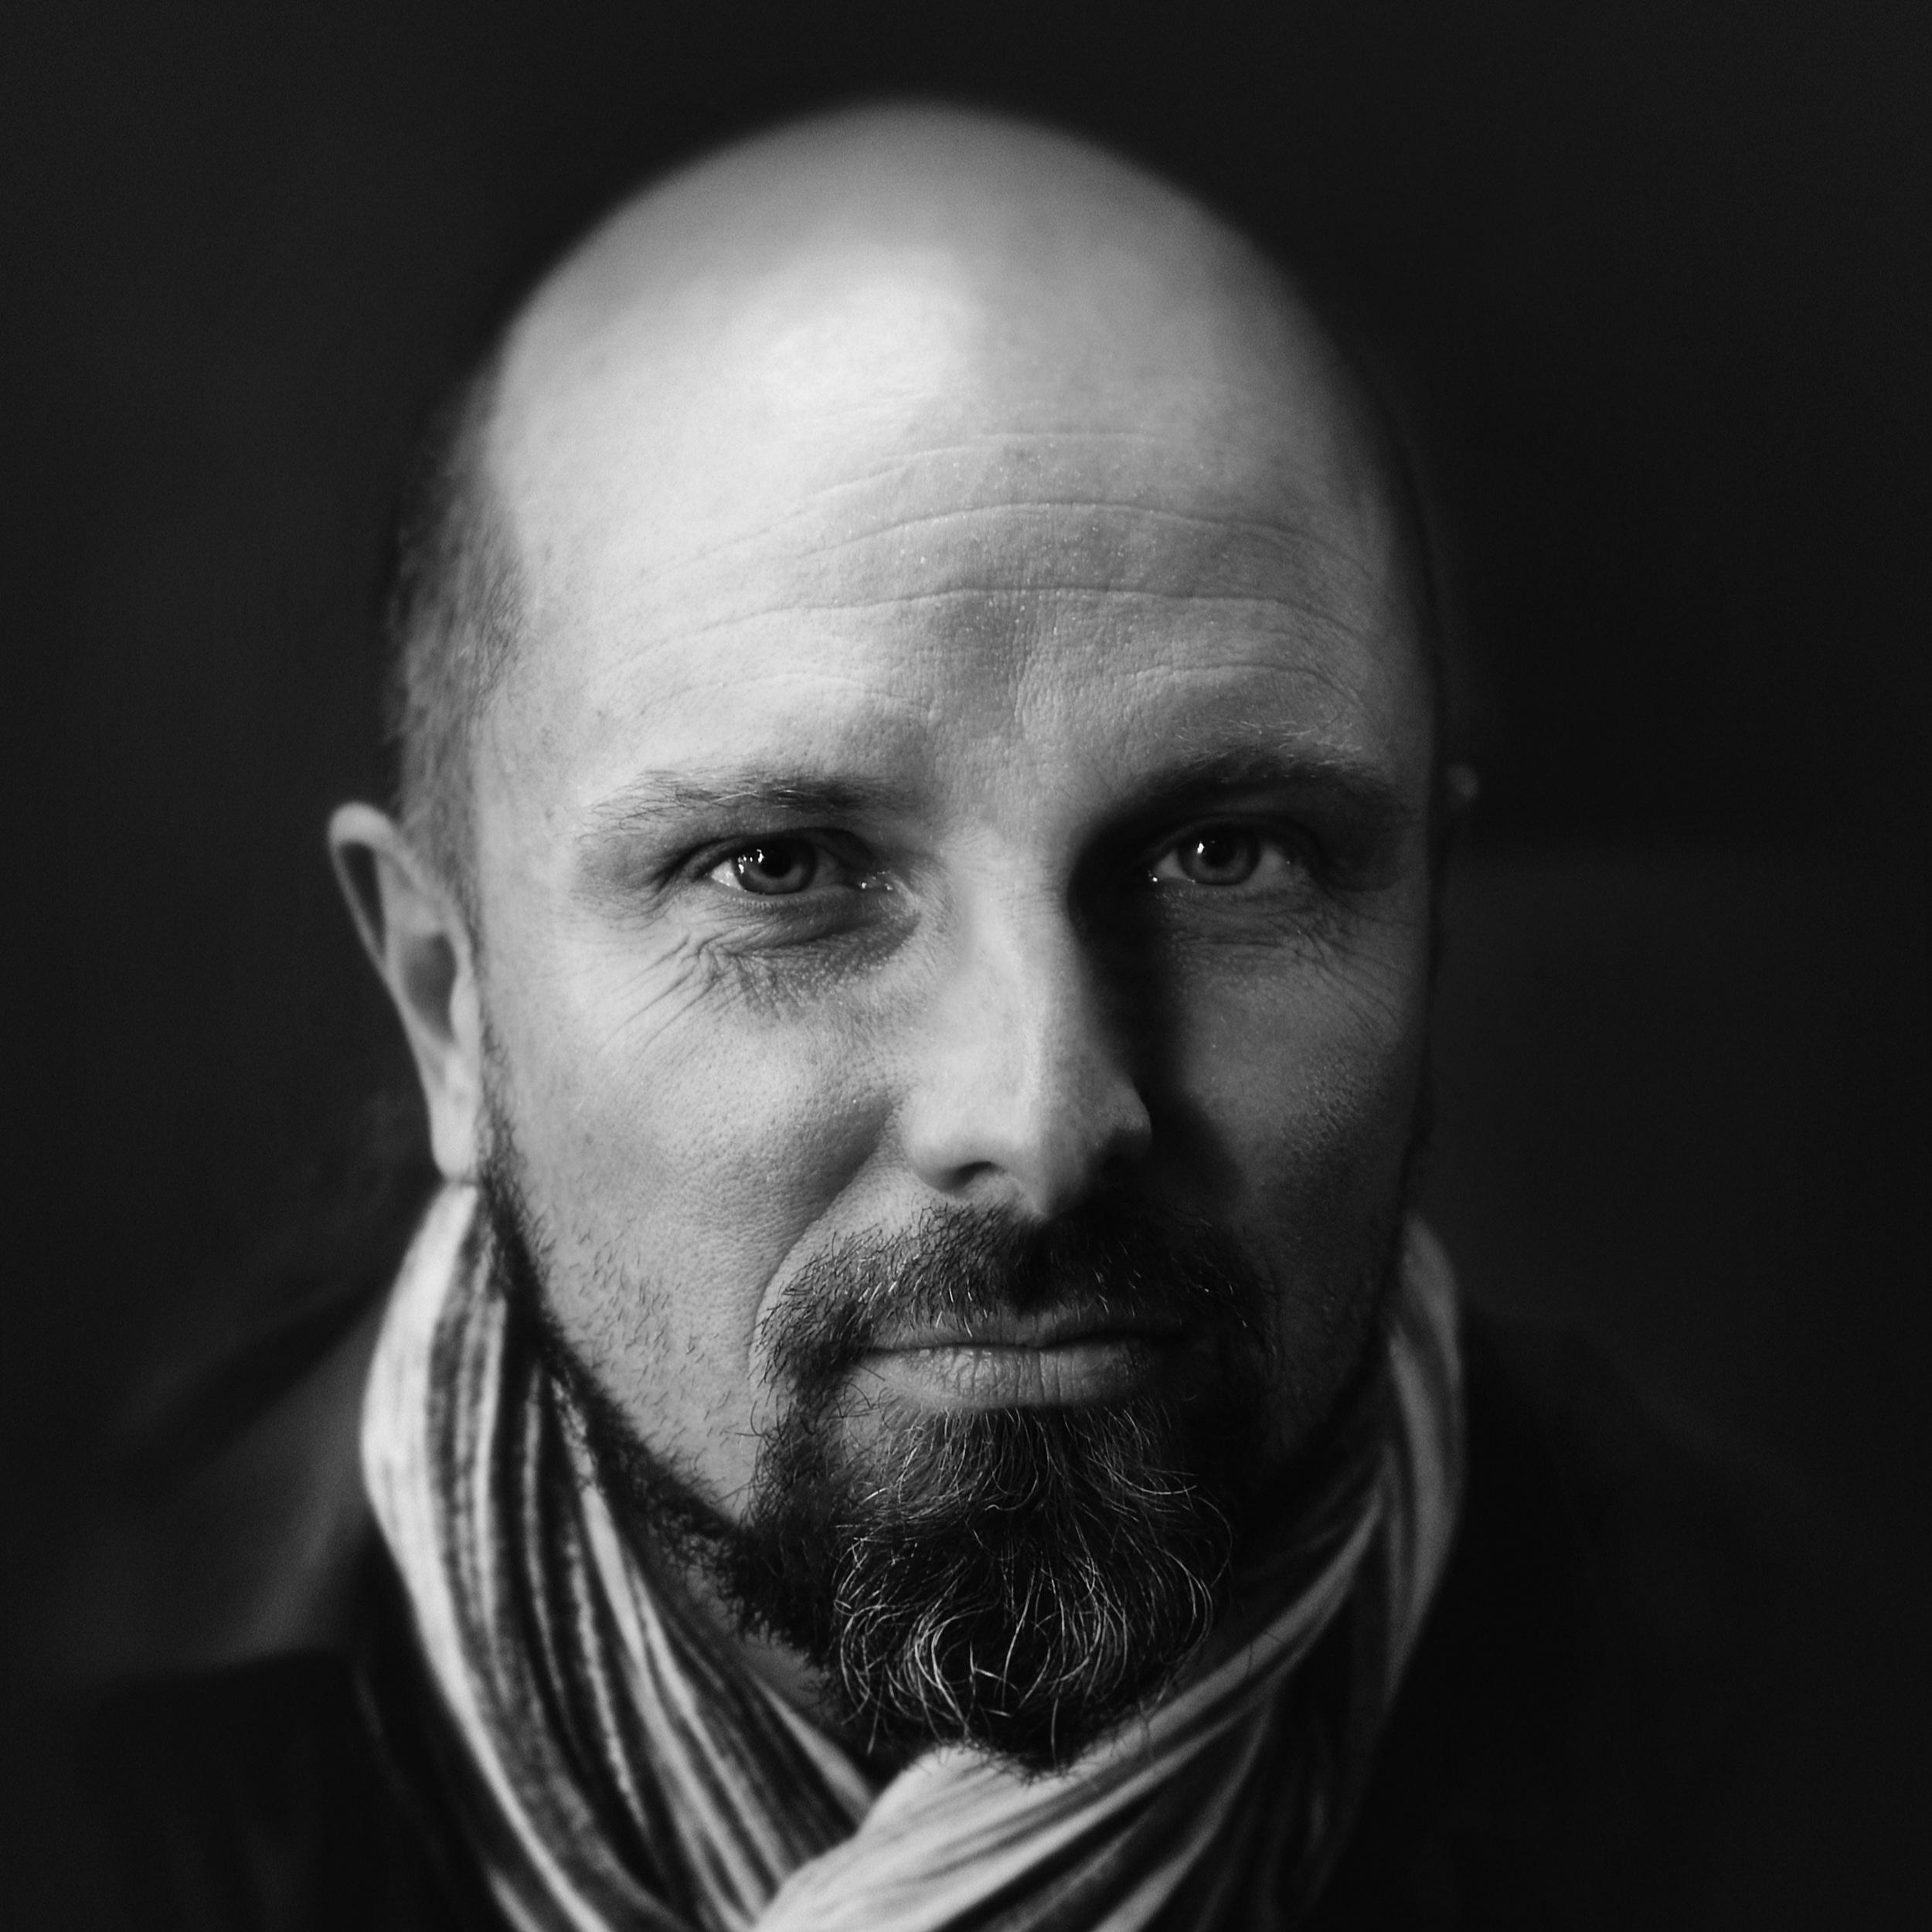 Filip Naudts